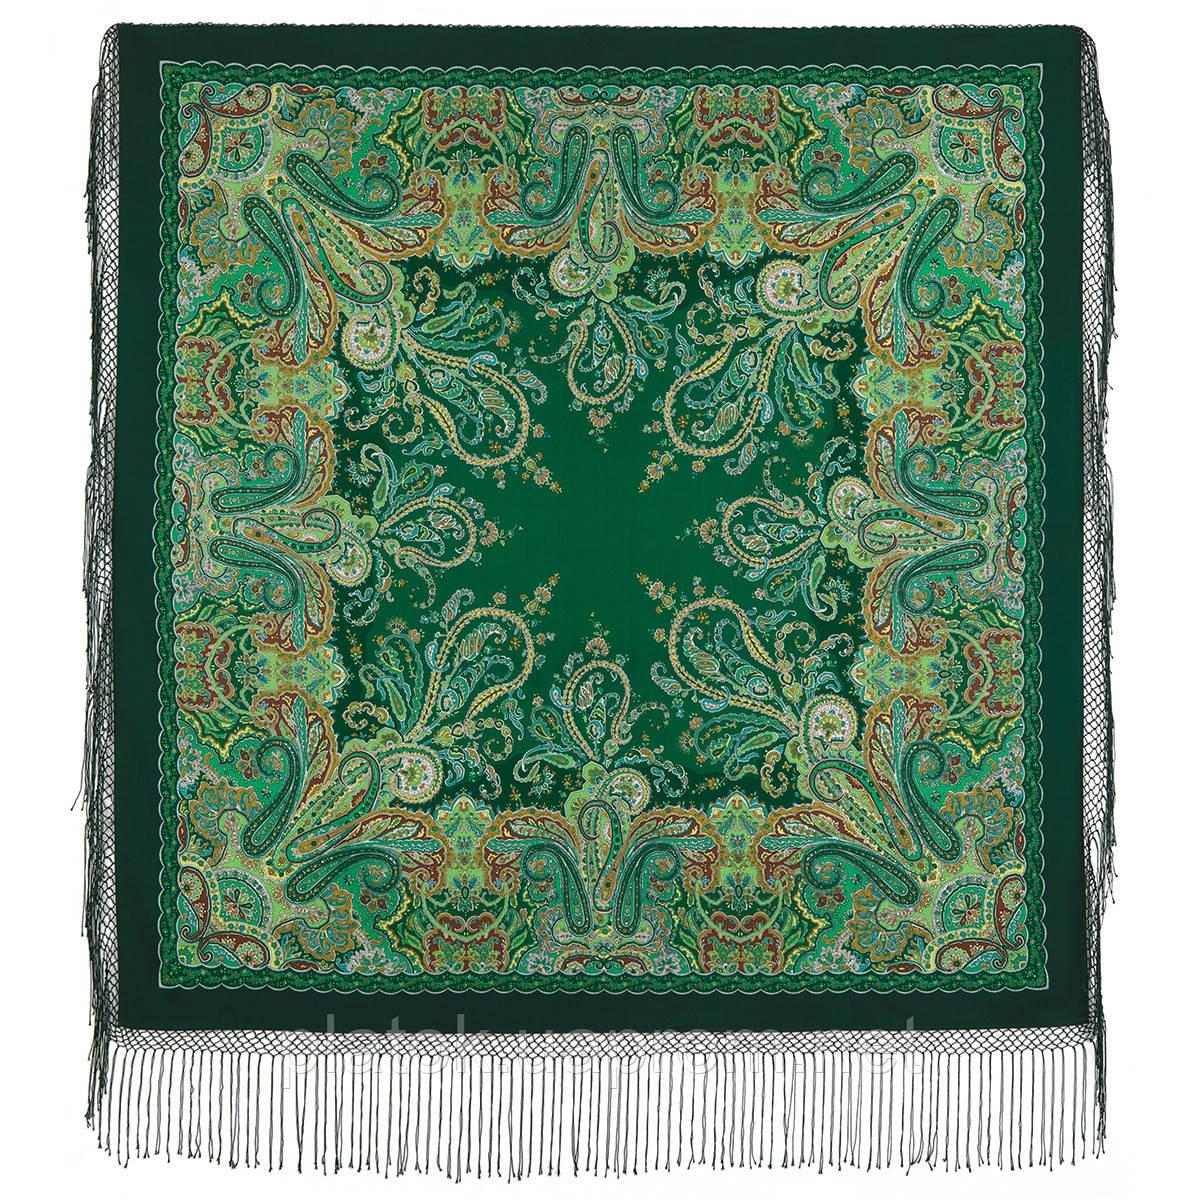 Караван 970-30, павлопосадский хустку (шаль) з ущільненої вовни з шовковою бахромою в'язаної